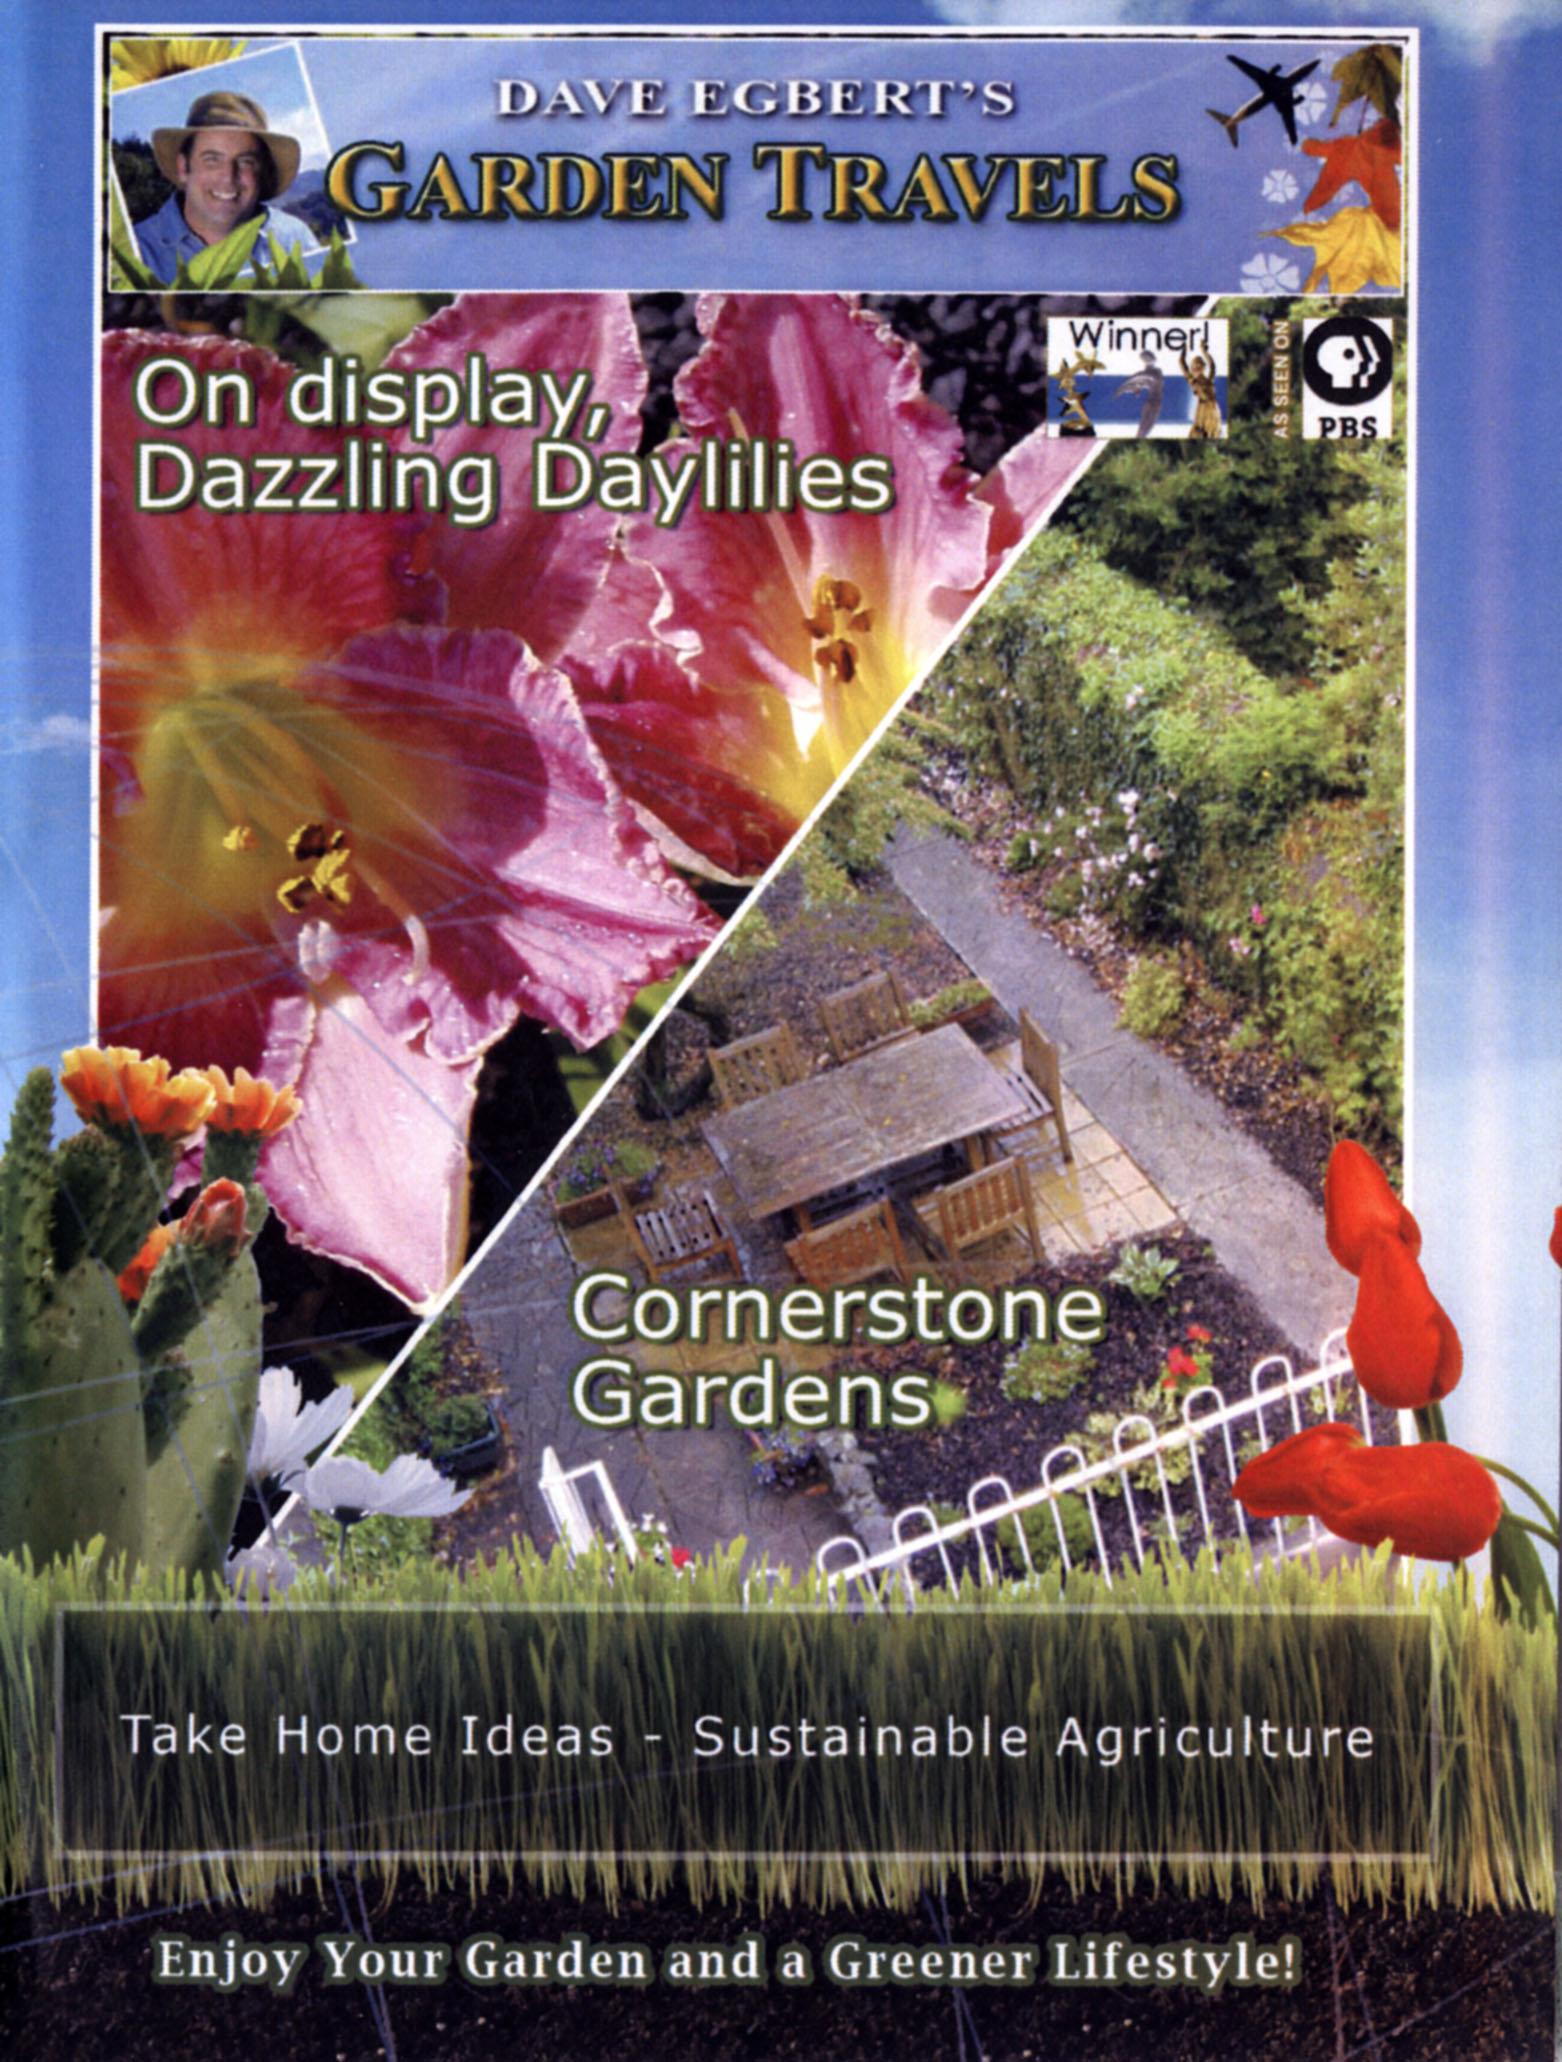 Garden Travels: On Display, Dazzling Daylilies/Cornerstone Gardens